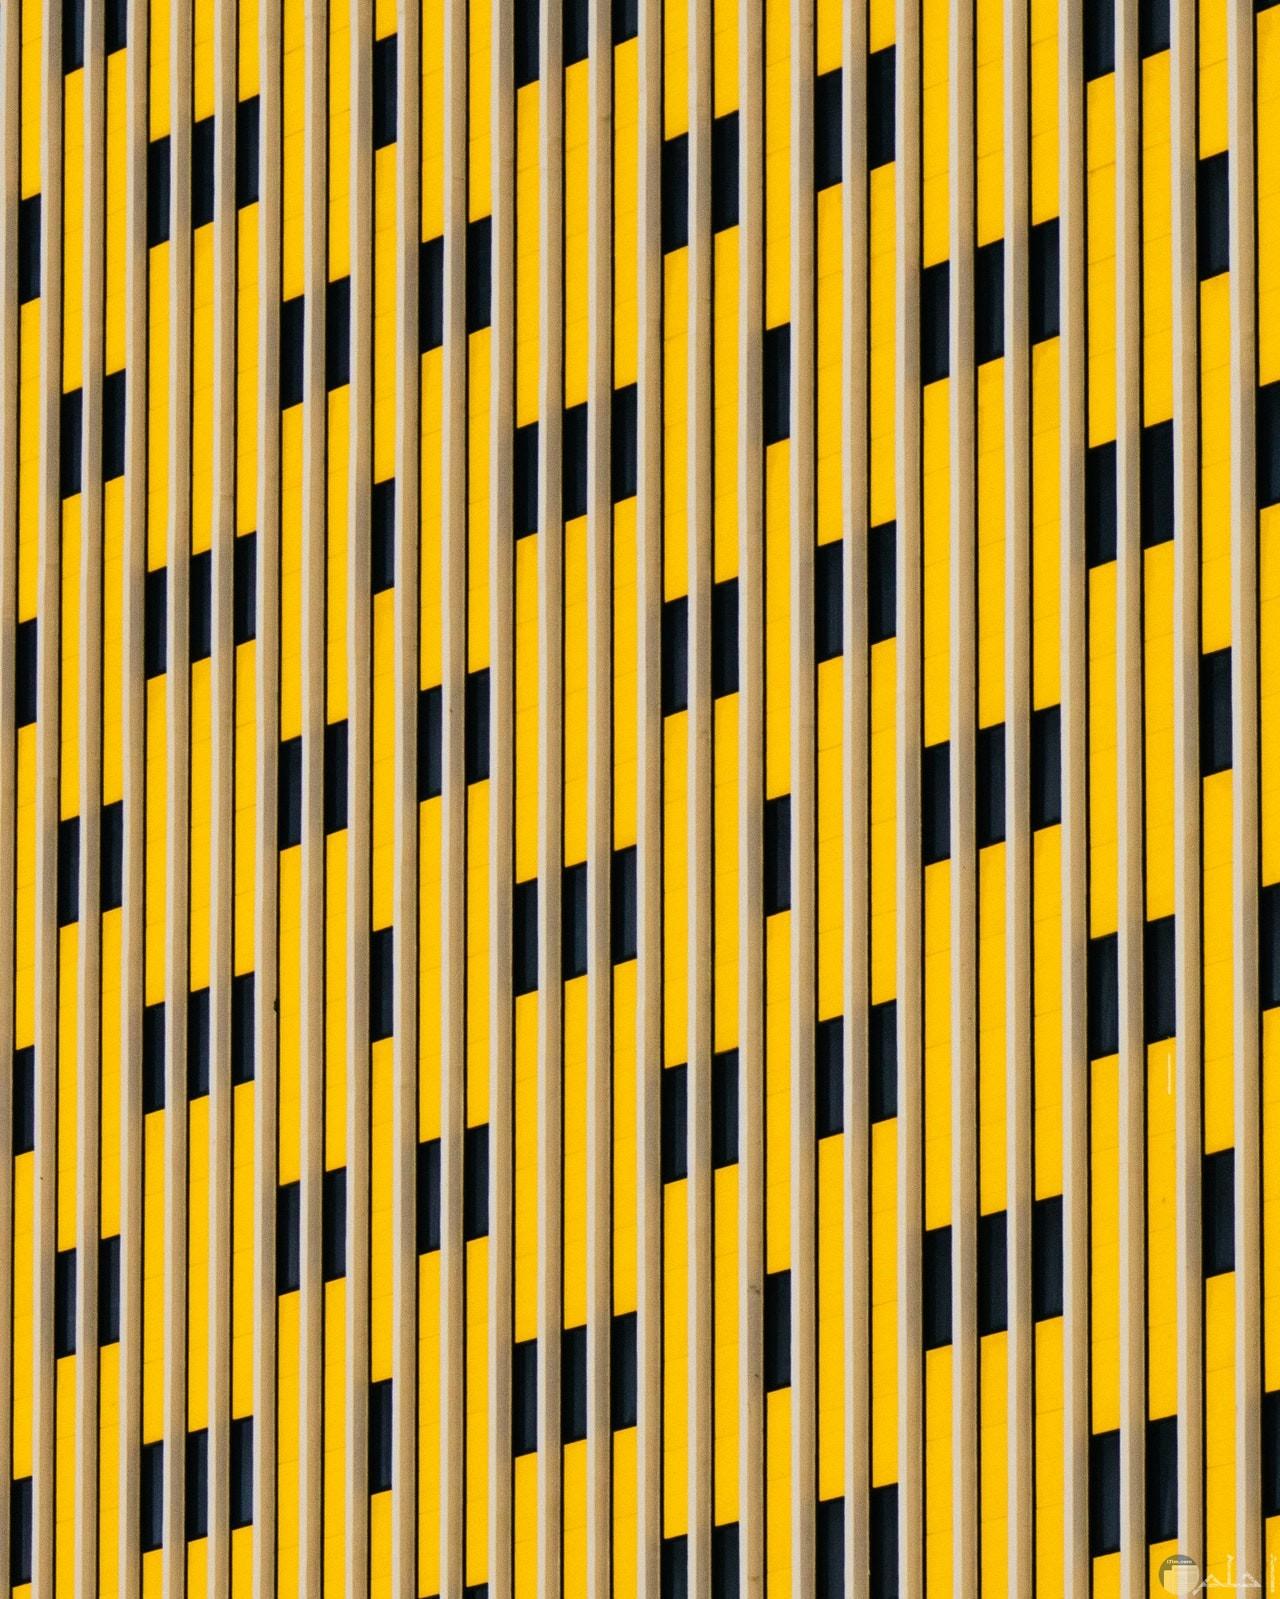 صورة عجيبة لتصميم أحد المباني وواجهته باللون الأصفر والنوافذ بالأسود